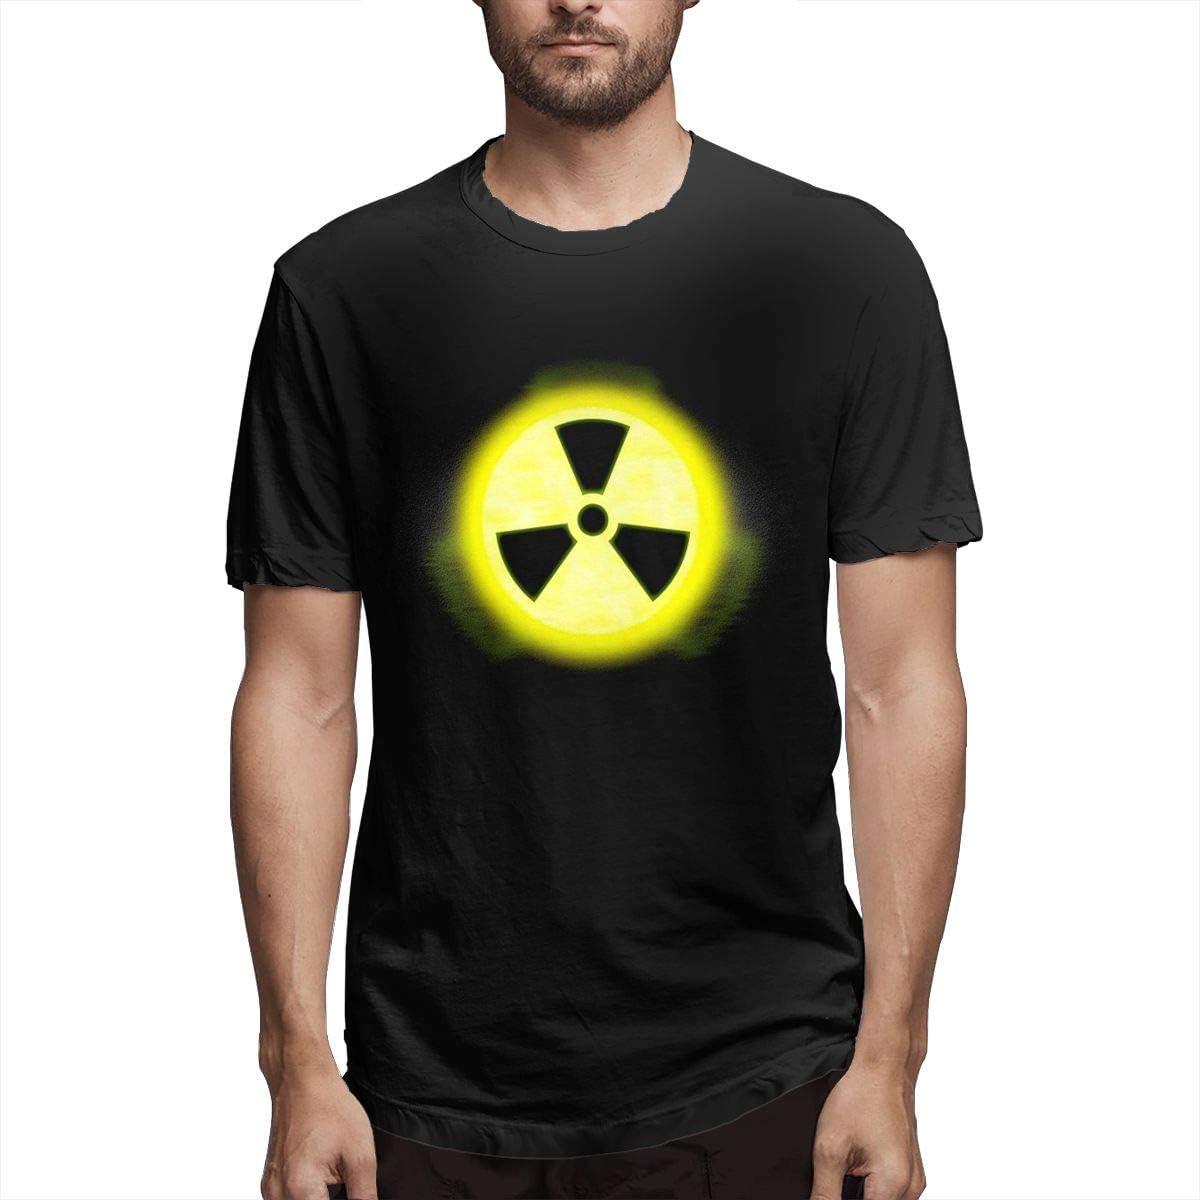 SienaPark Chernobyl 2019 TV Mini Moda Hombre Camisas Negro M: Amazon.es: Ropa y accesorios